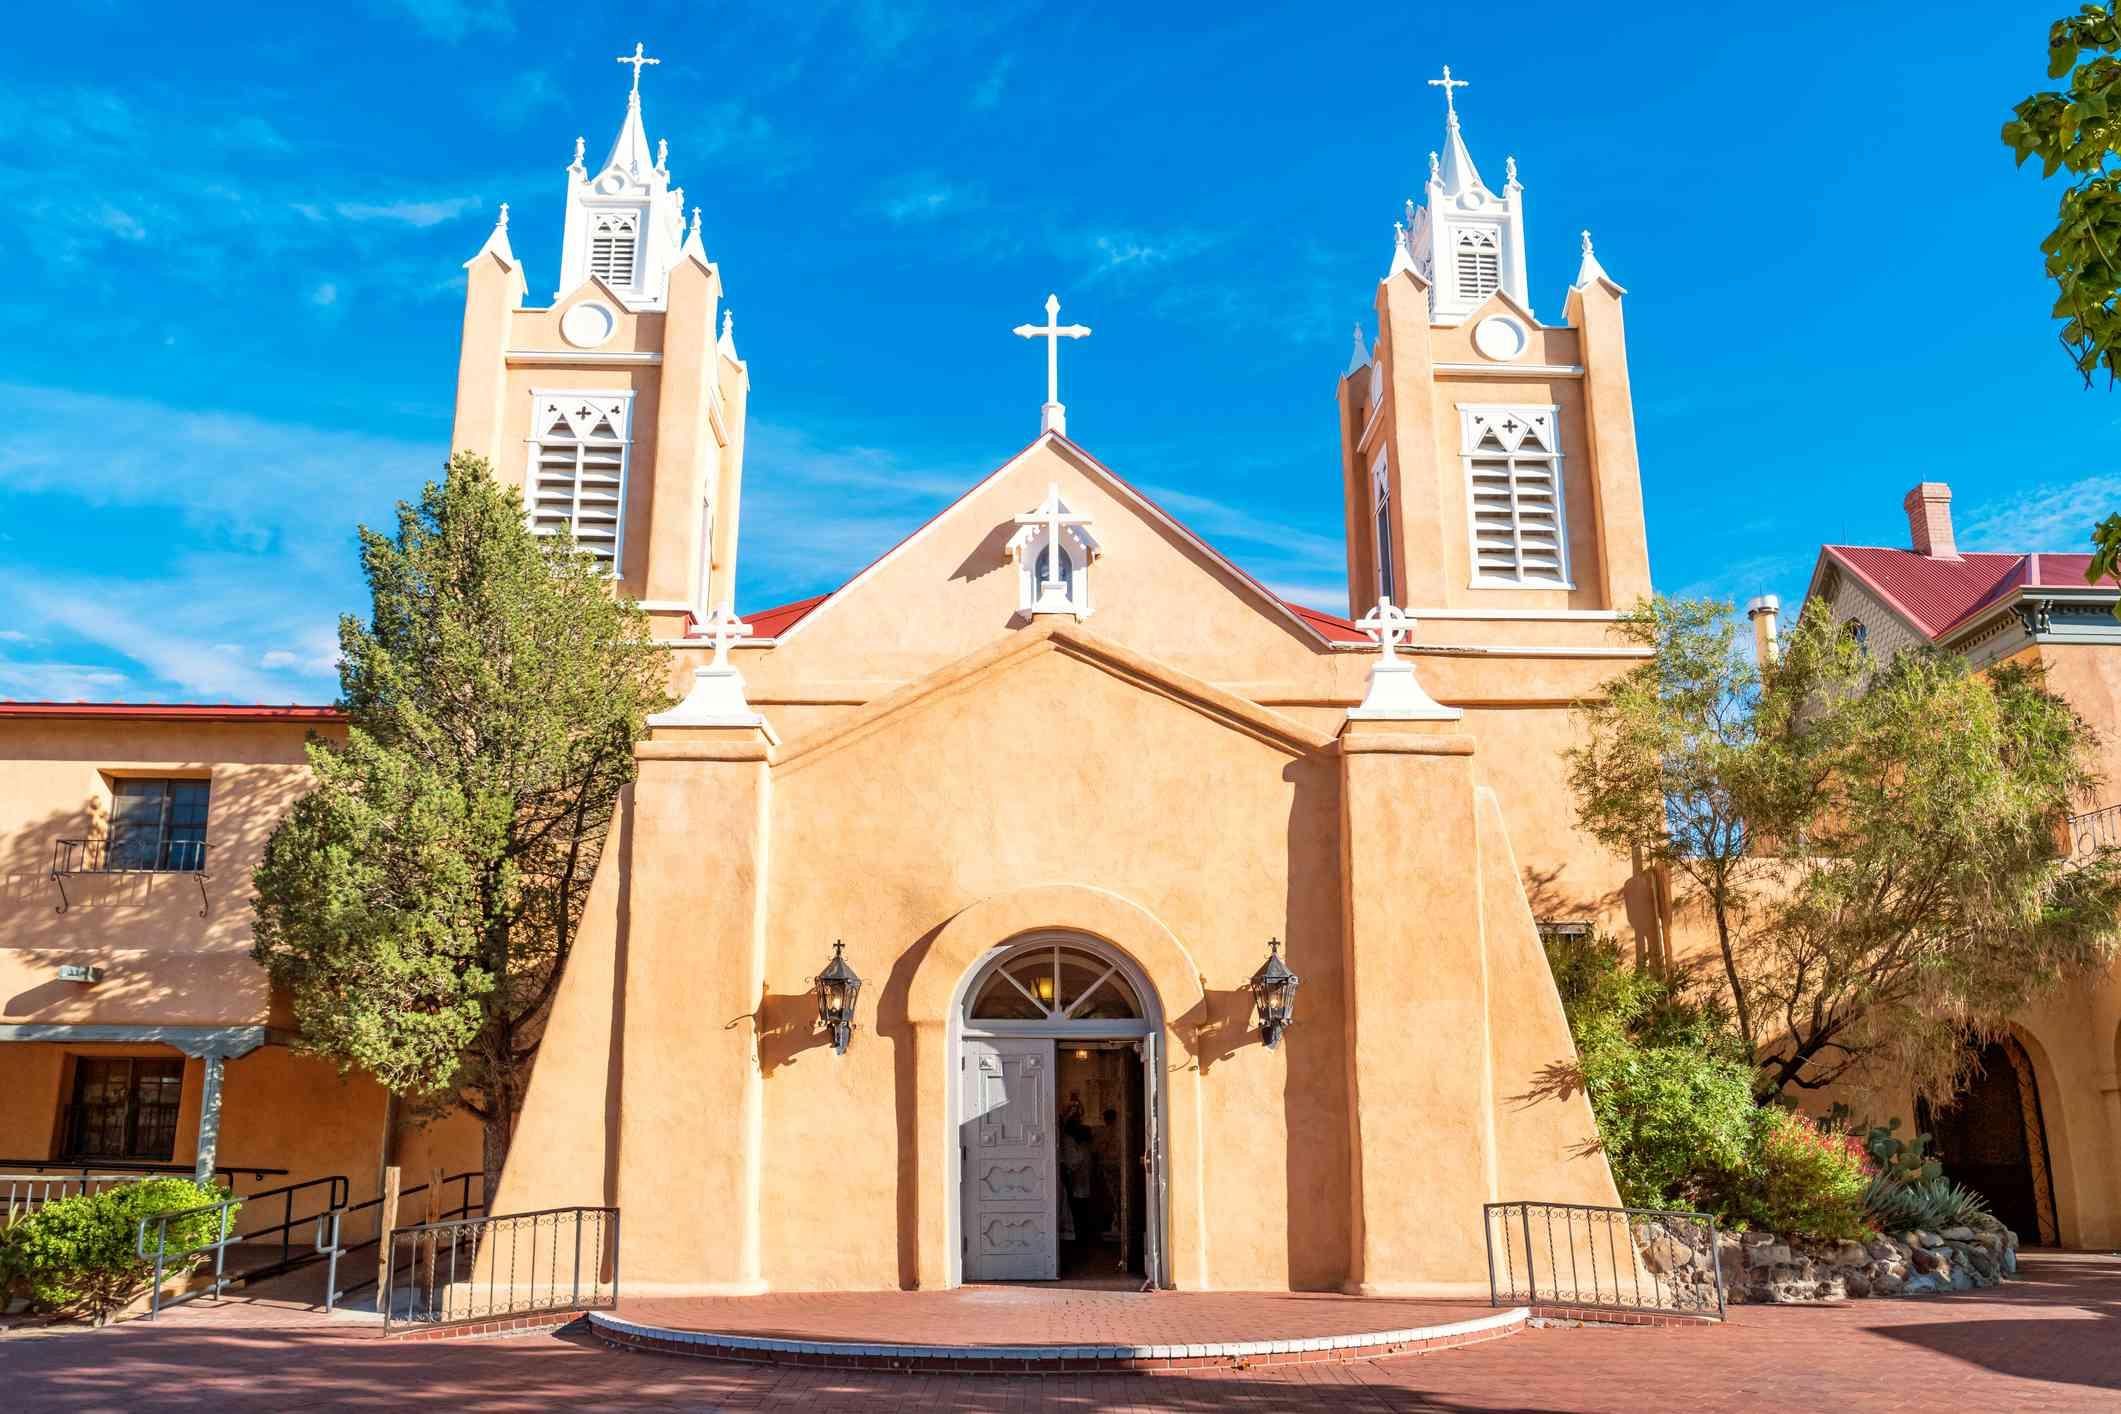 San Felipe de Neri Church in Old Town Albuquerque New Mexico USA